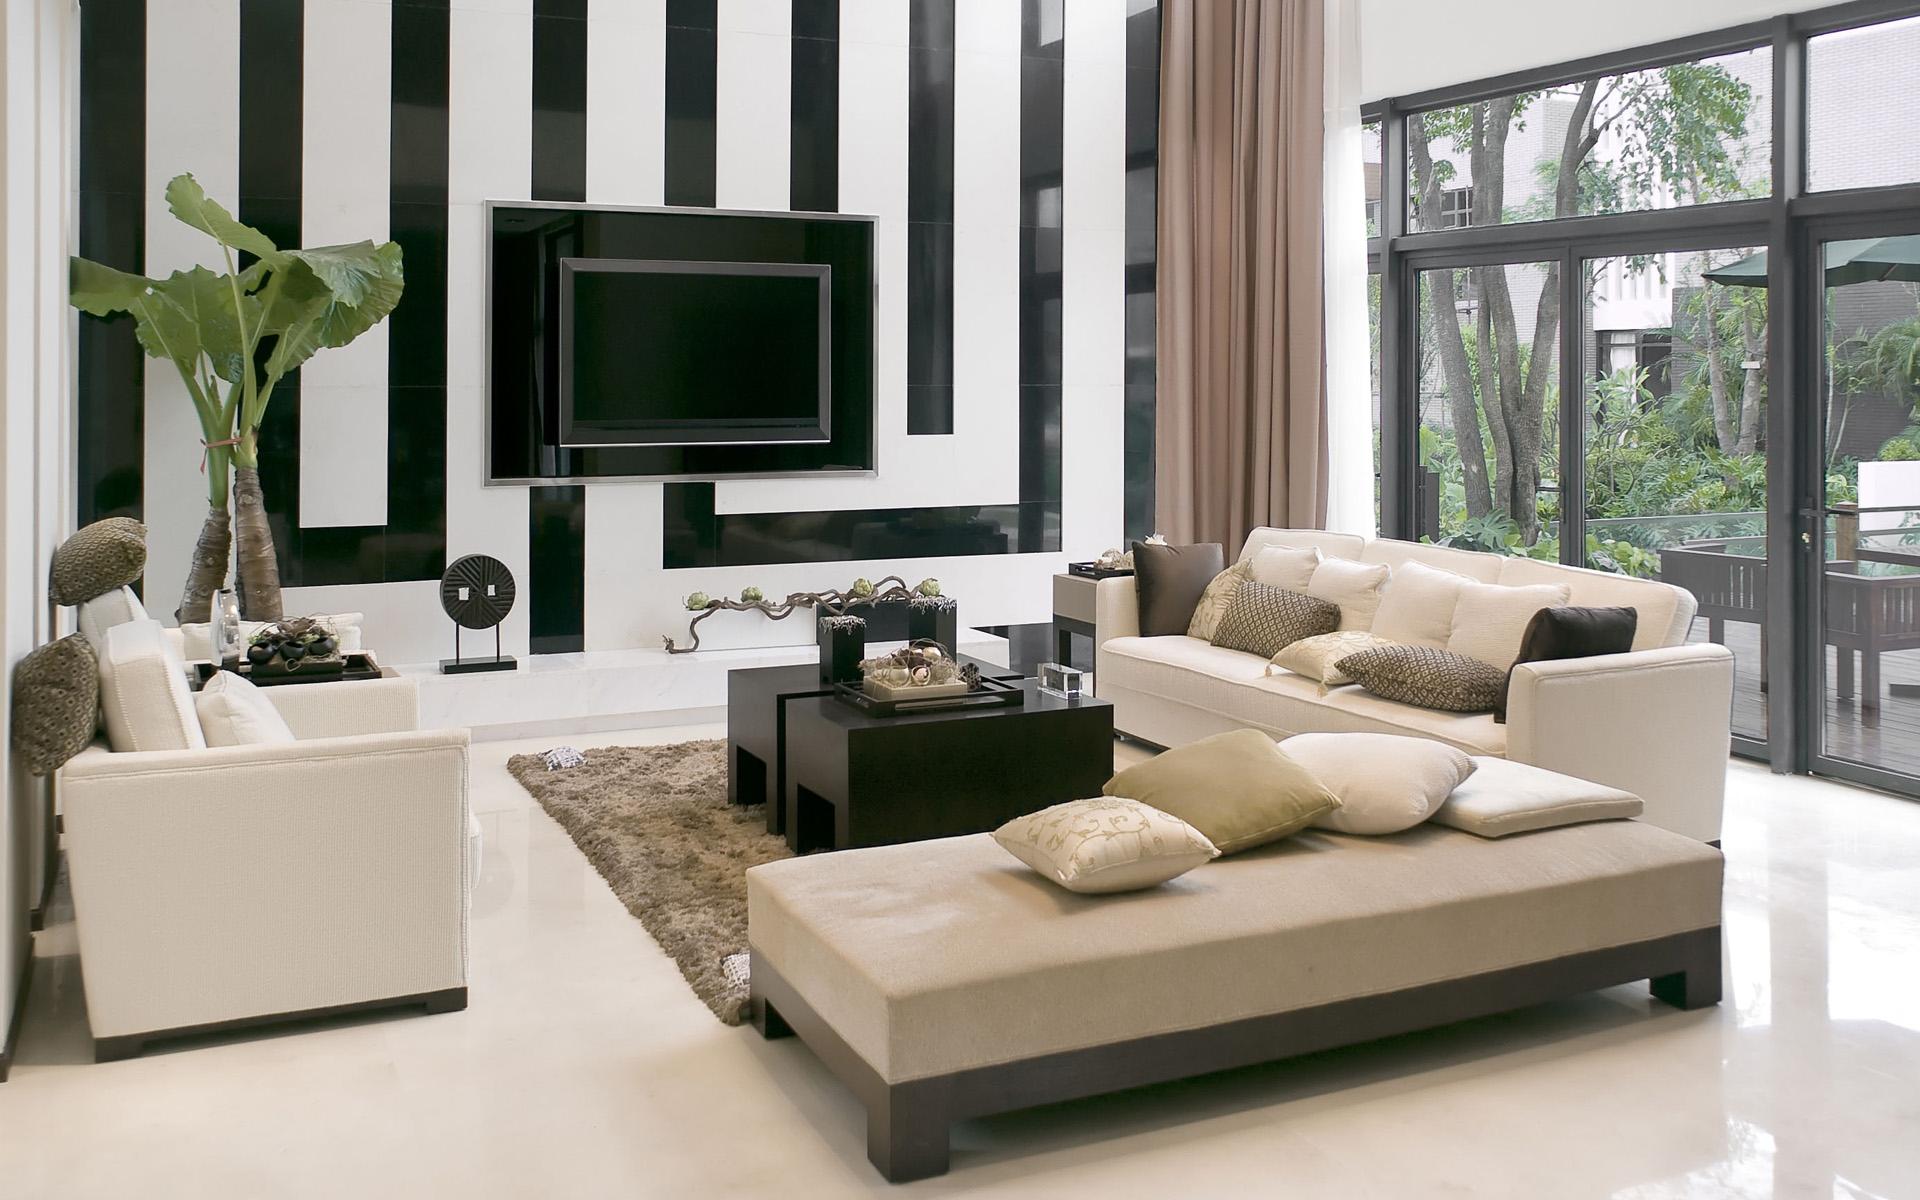 ديكور غرف جلوس , صور ديكور غرف جلوس Decor Living Rooms